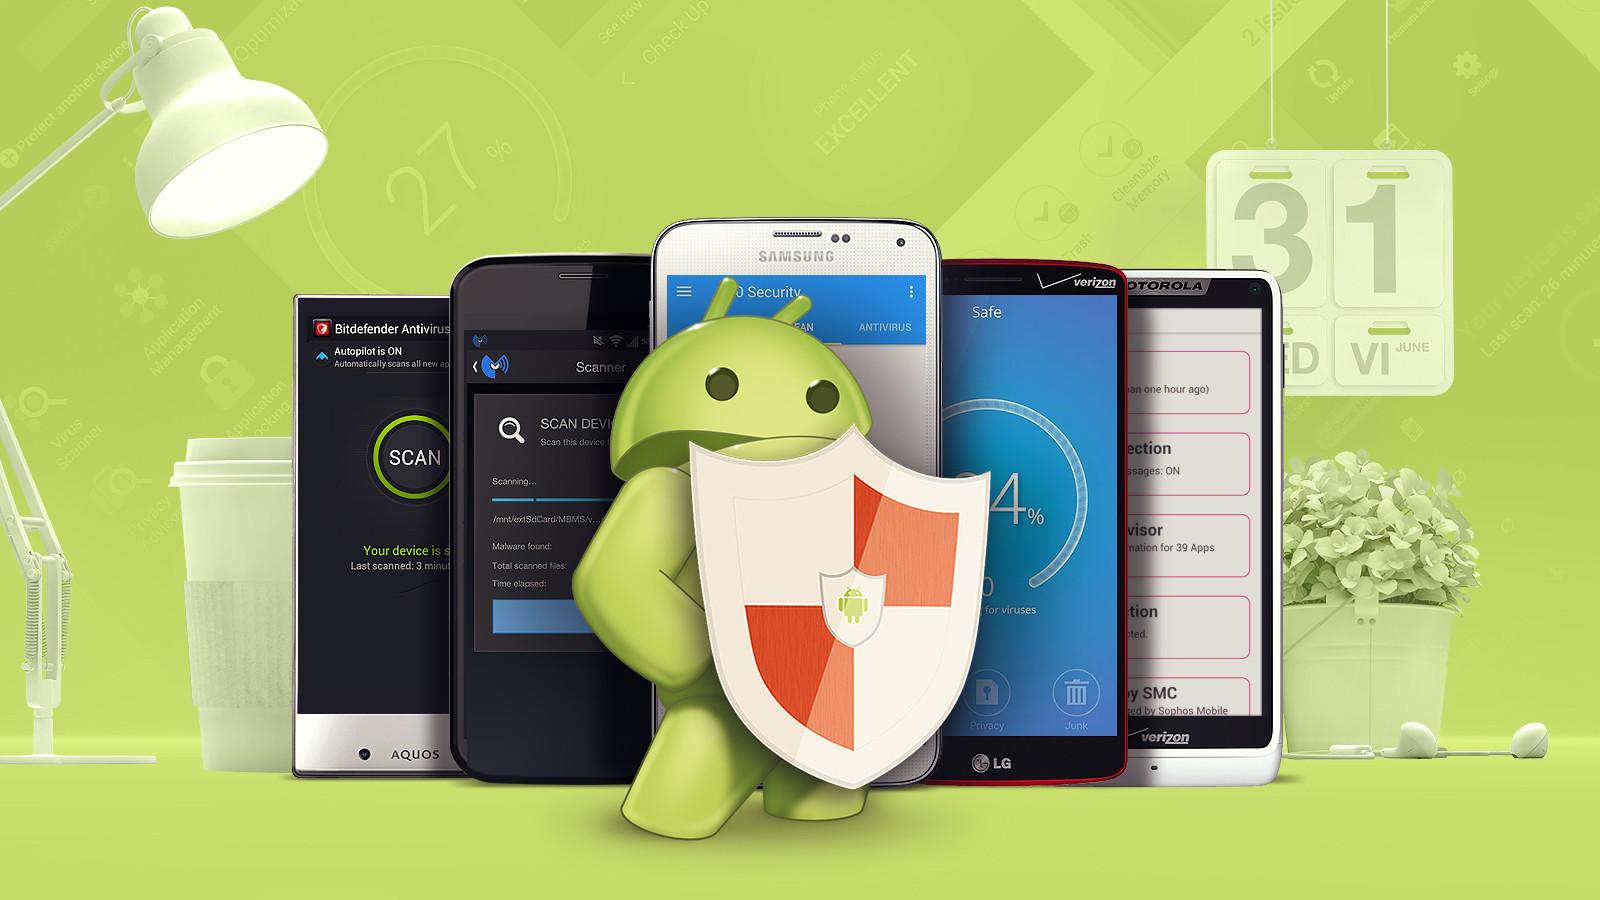 Android için Ücretsiz Anti-Virüs Programları 2015 !